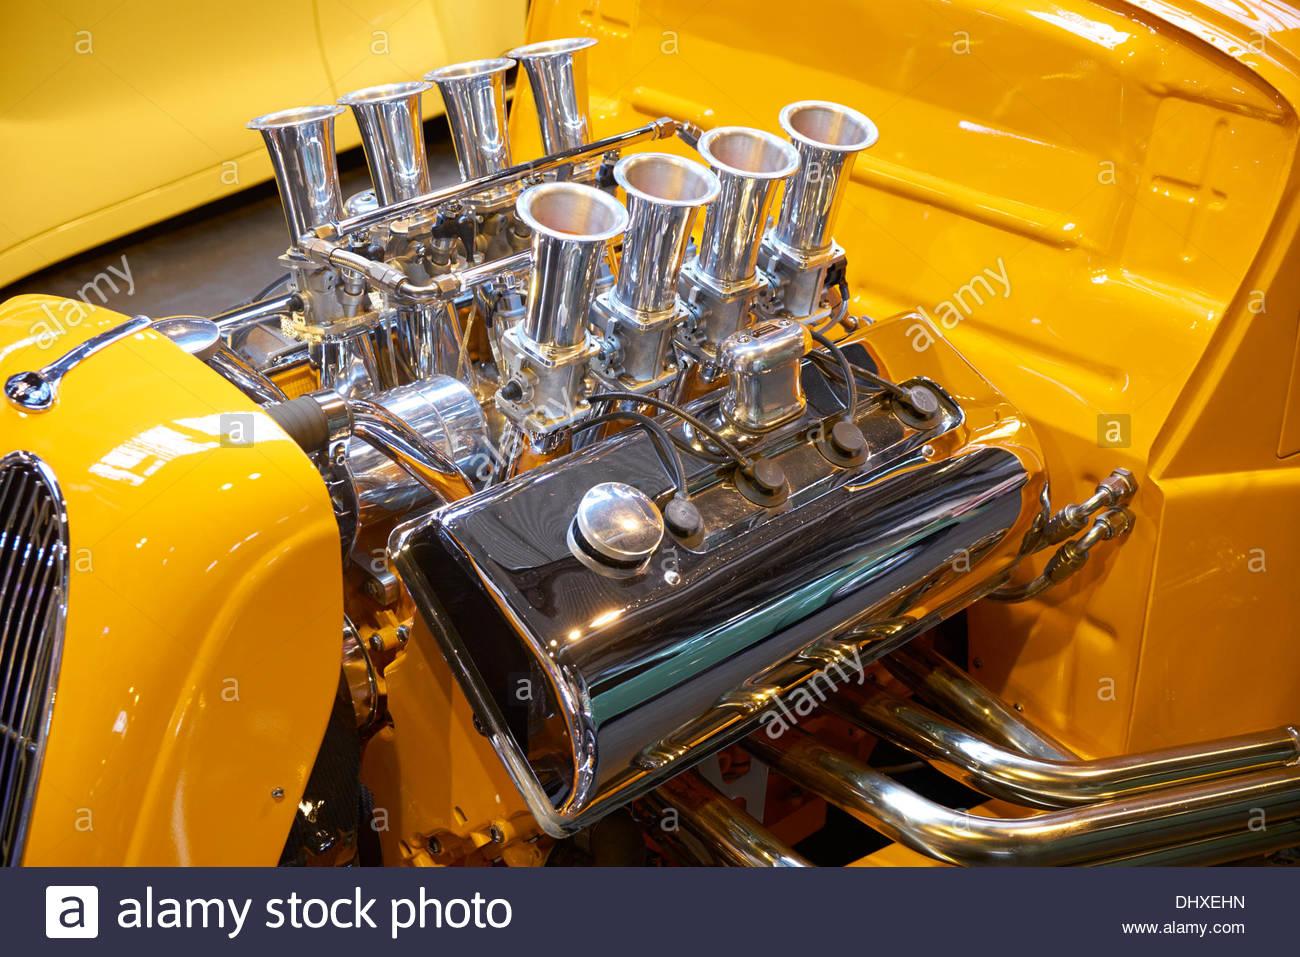 Birmingham uk 15th november 2013 v8 engine of loaded gunn hot